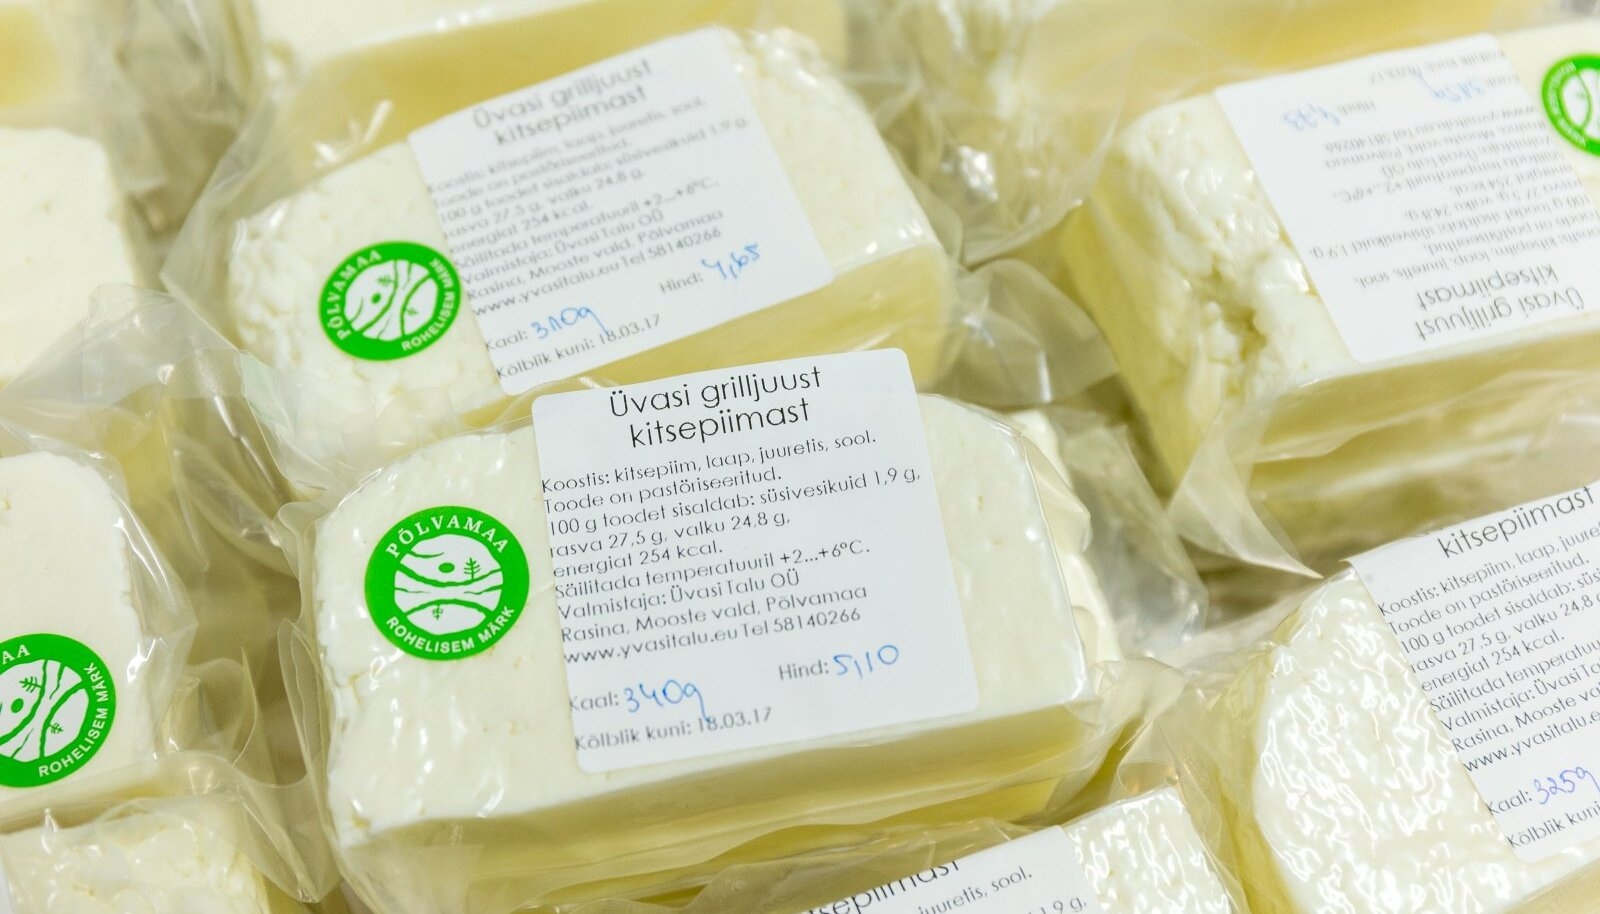 Väikemeiereide juustude müük peaks pärast ausate kaubandustavade seaduse vastuvõtmist kergemaks minema.